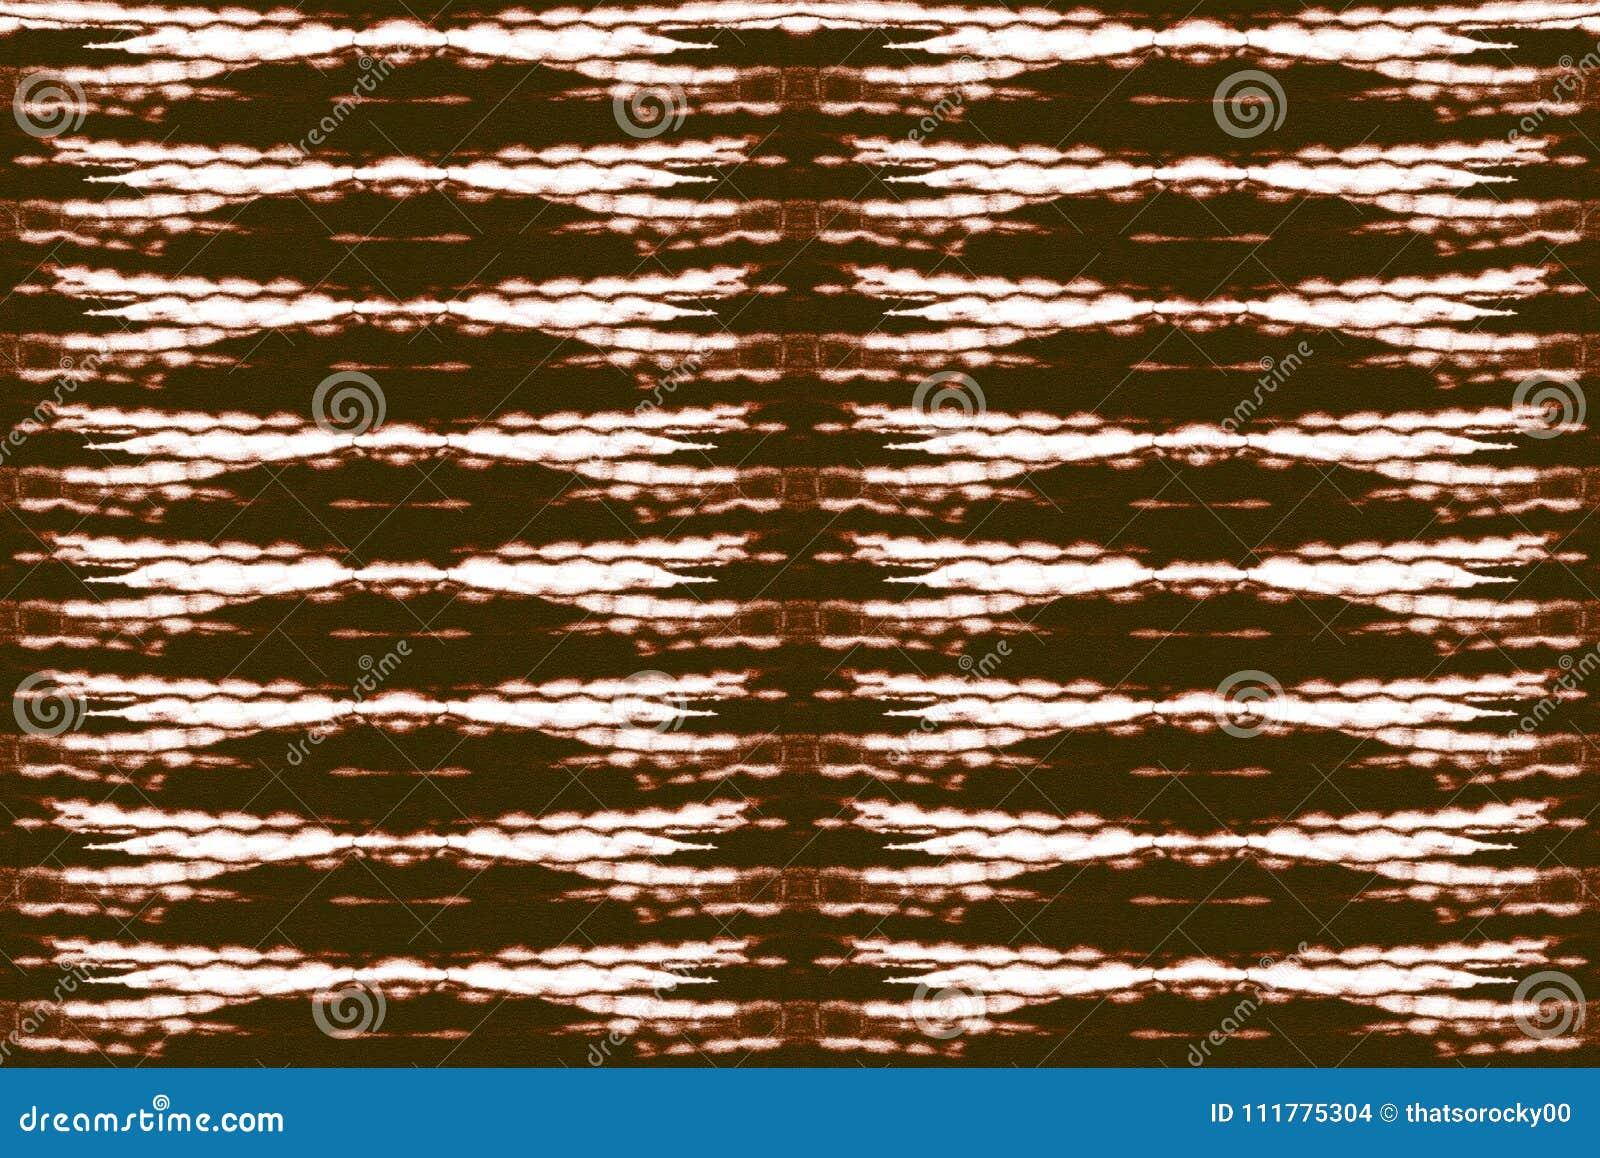 Batik texture repeat modern pattern design